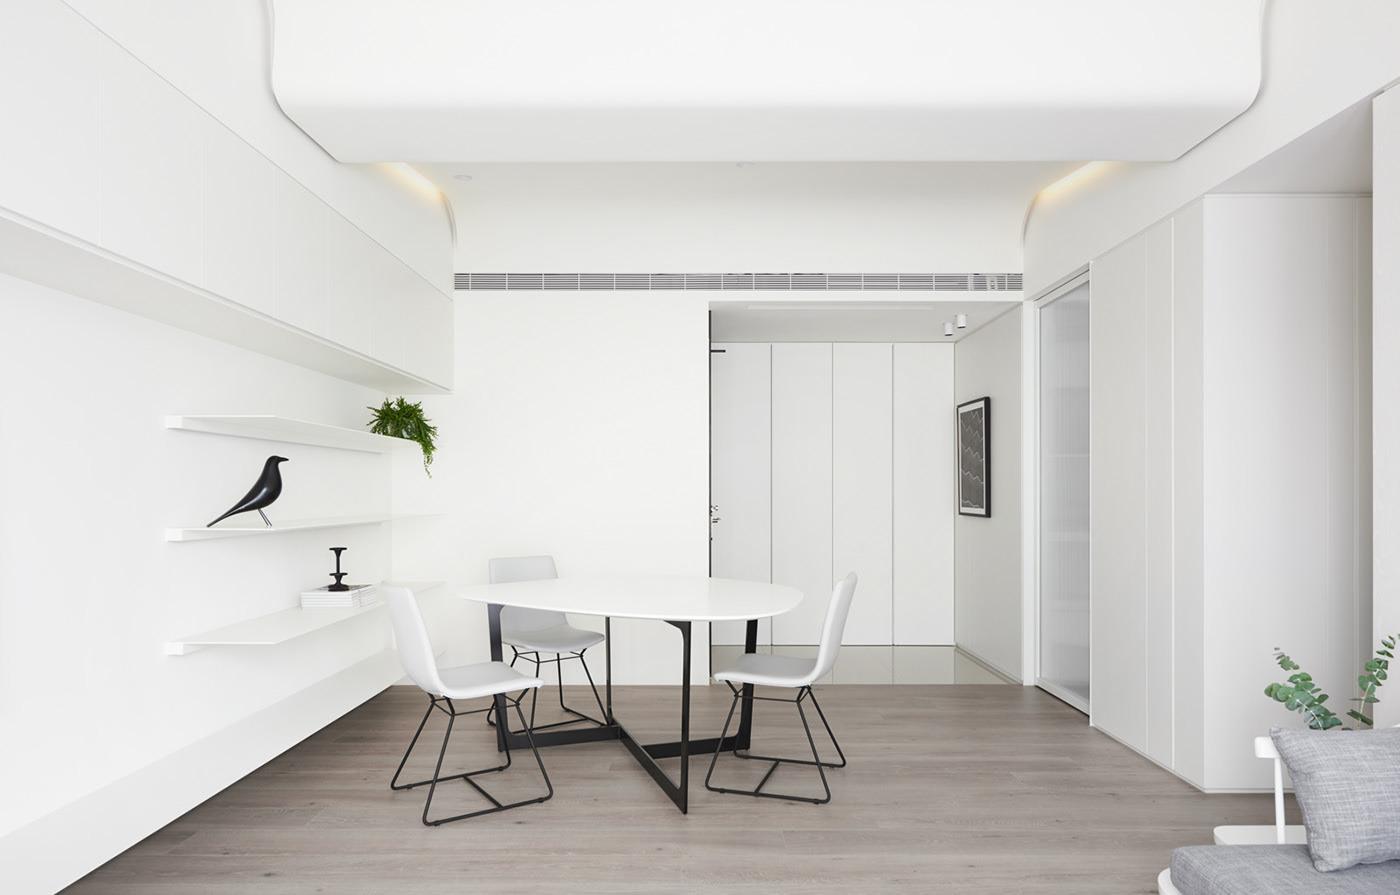 极简风白色公寓餐厅装修效果图